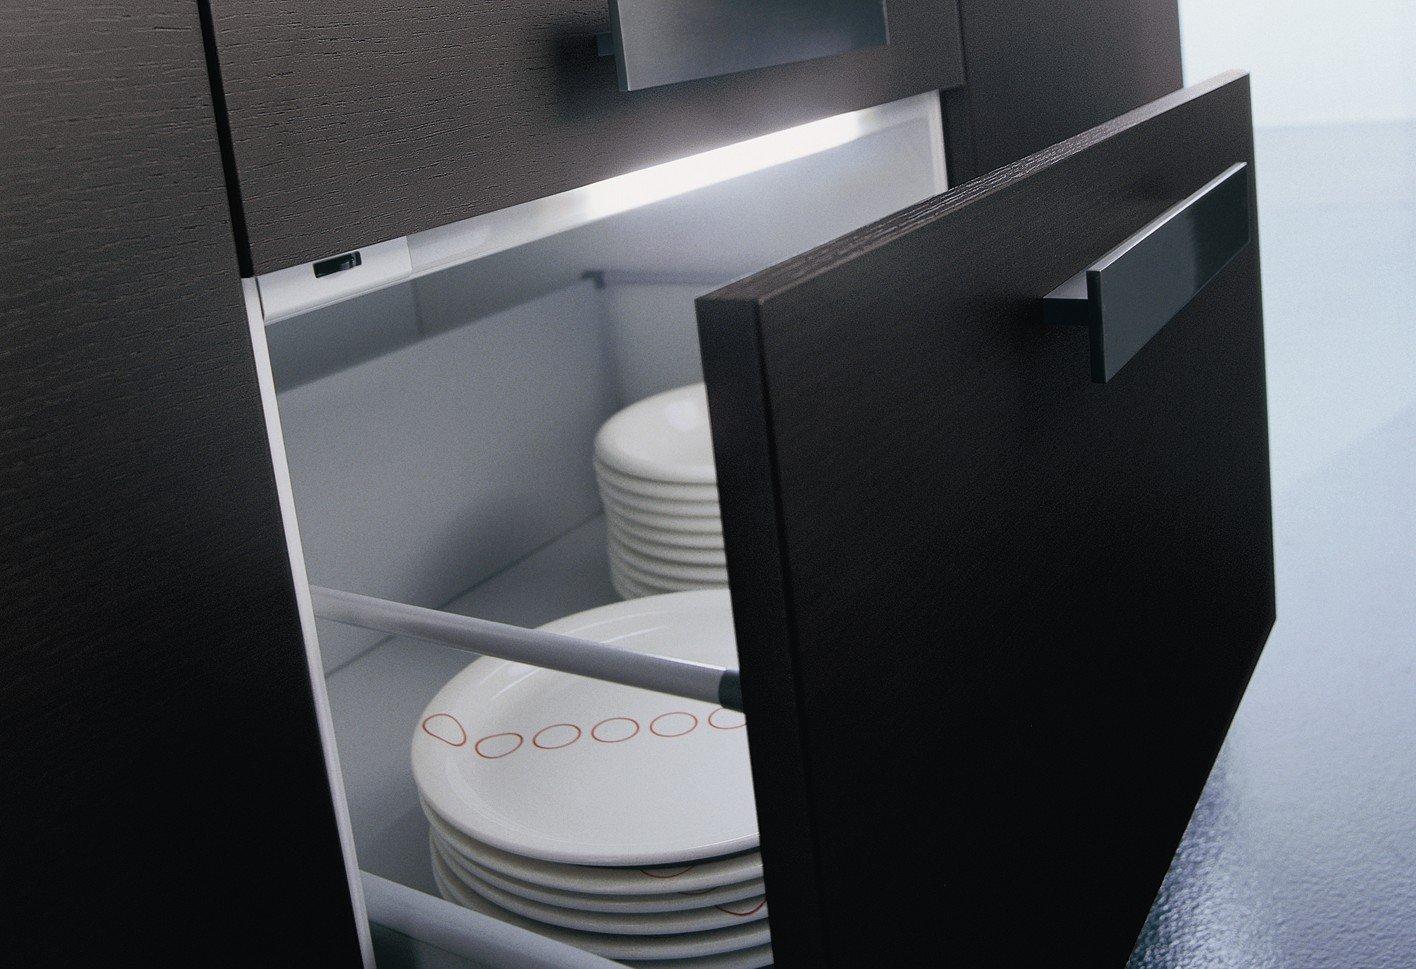 finest adapte pour un tiroir de mm lampe remplaable t luouverture du casserolier commande. Black Bedroom Furniture Sets. Home Design Ideas